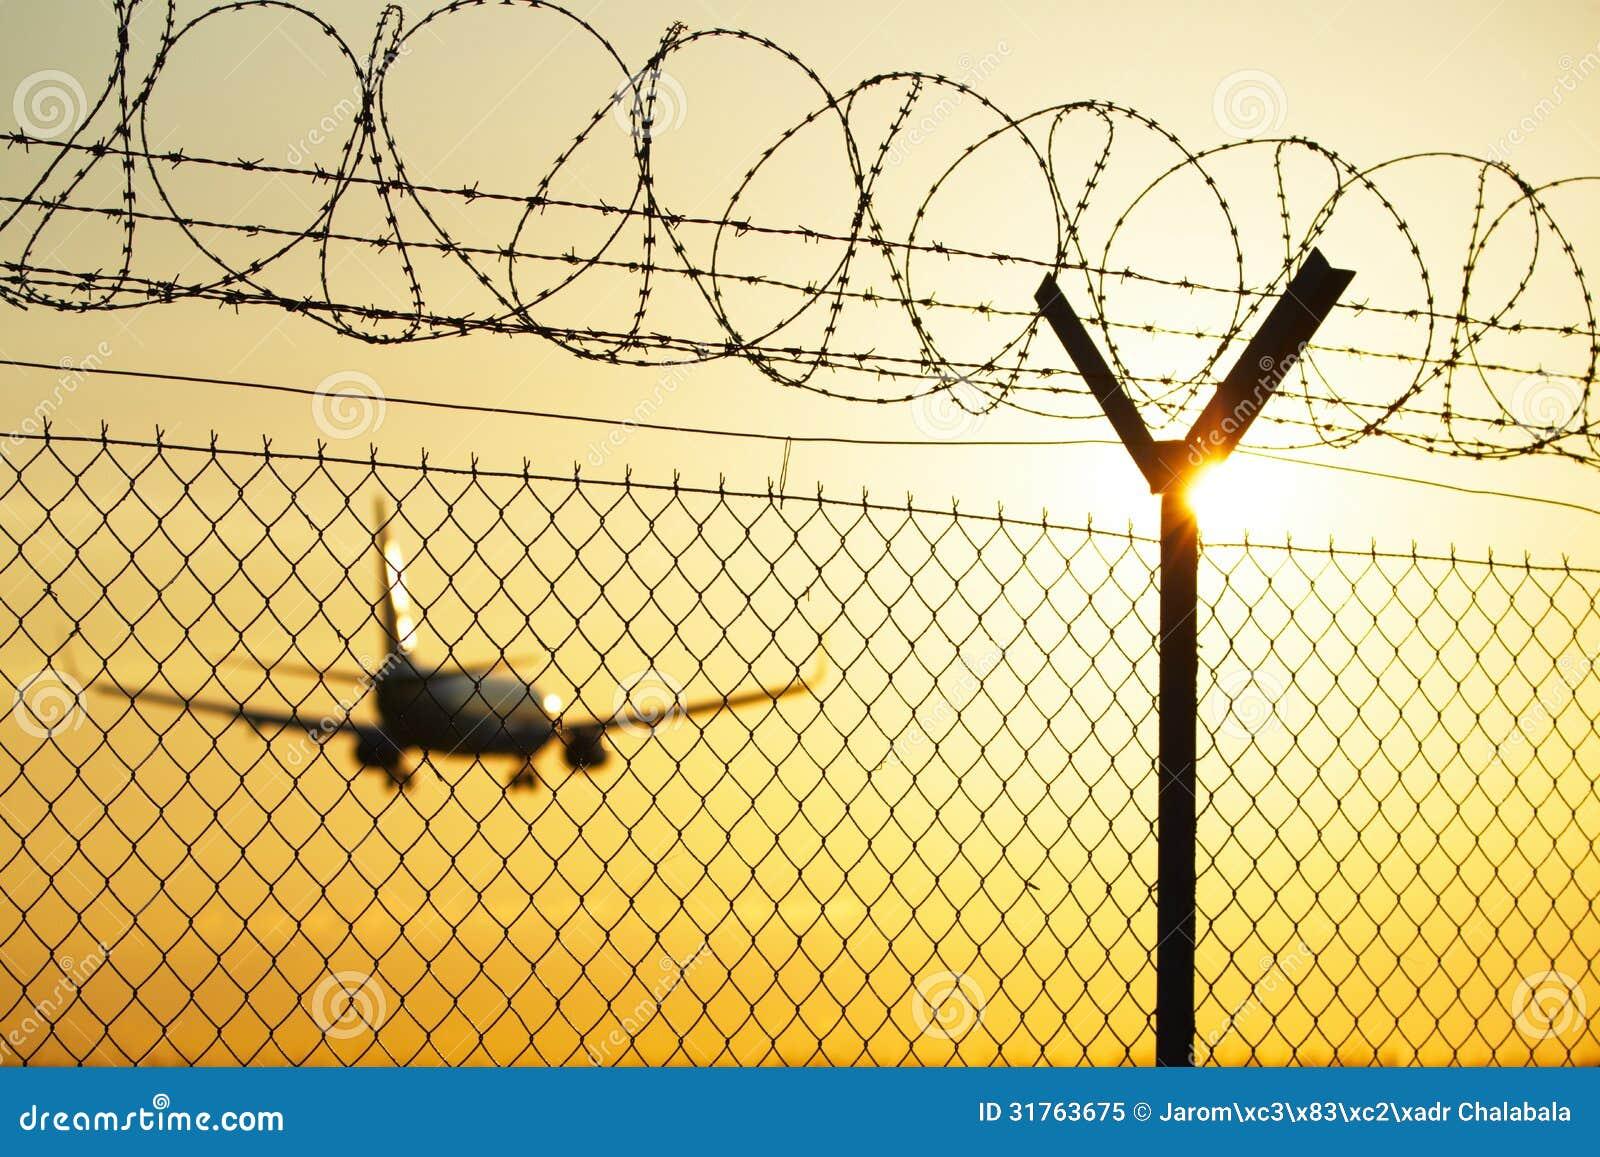 Luchthaven bij de zonsondergang